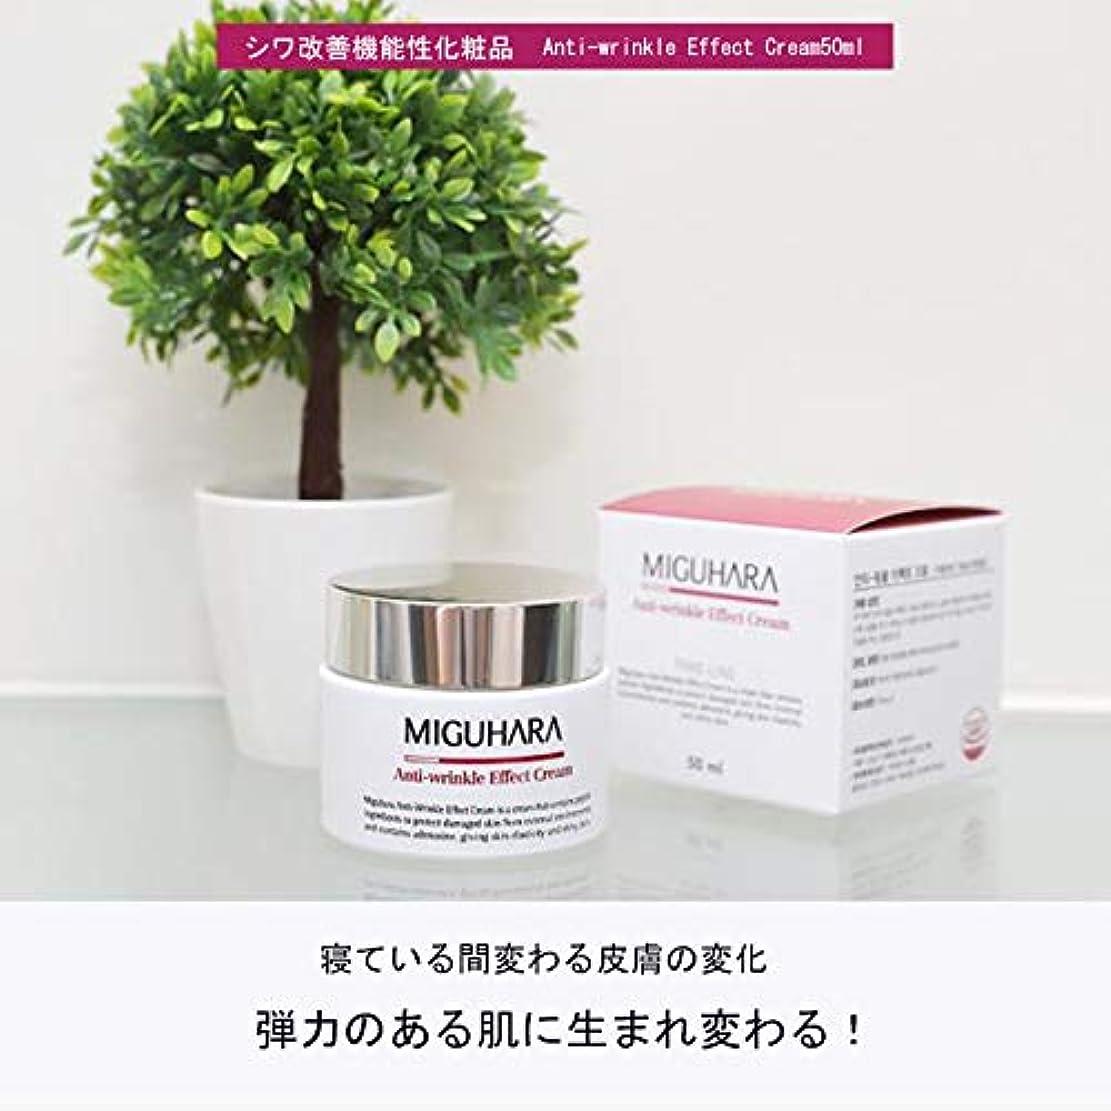 区画に向けて出発威するMIGUHARA アンチ-リンクルエフェクトクリーム 50ml / Anti-wrinkle Effect Cream 50ml